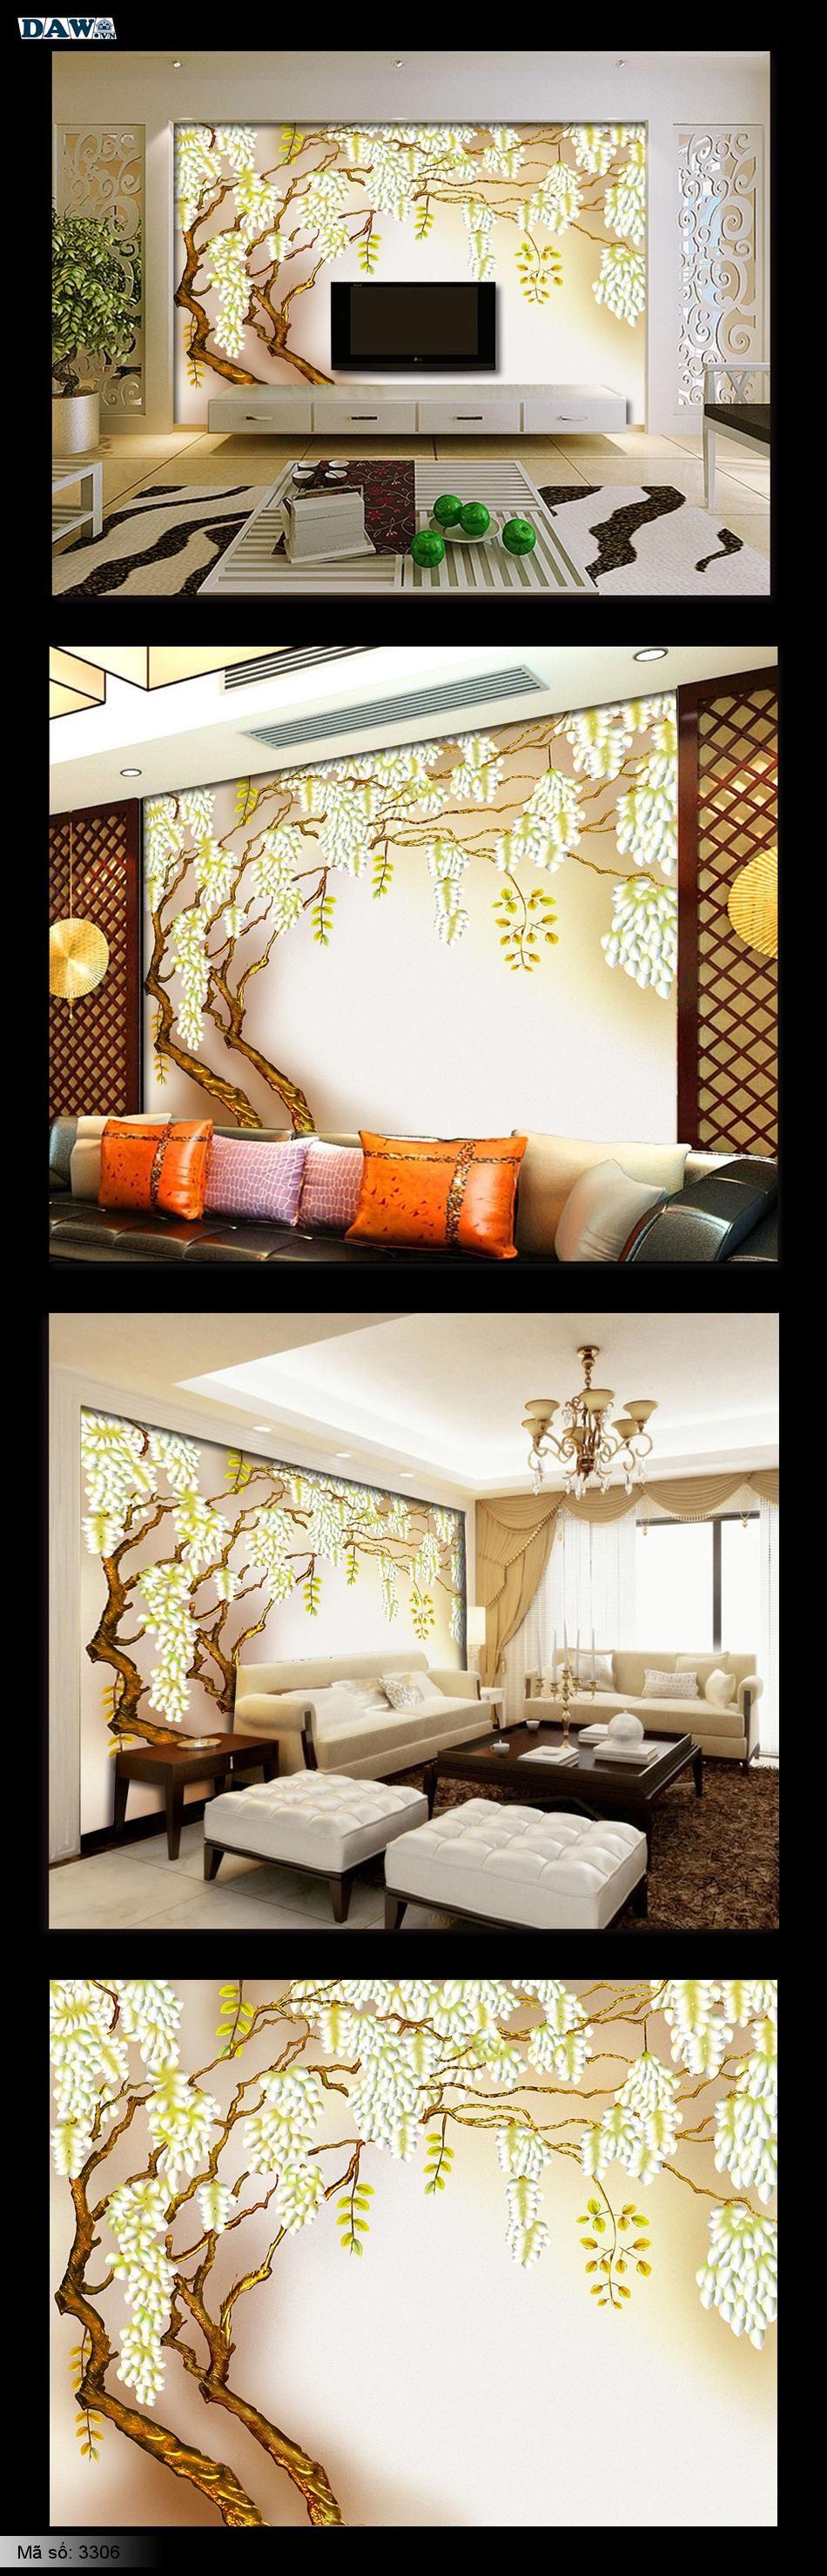 Tranh dán tường Hàn Quốc | Tranh dán tường hình hoa đẹp, tranh phòng khách, tranh phòng ngủ 3306